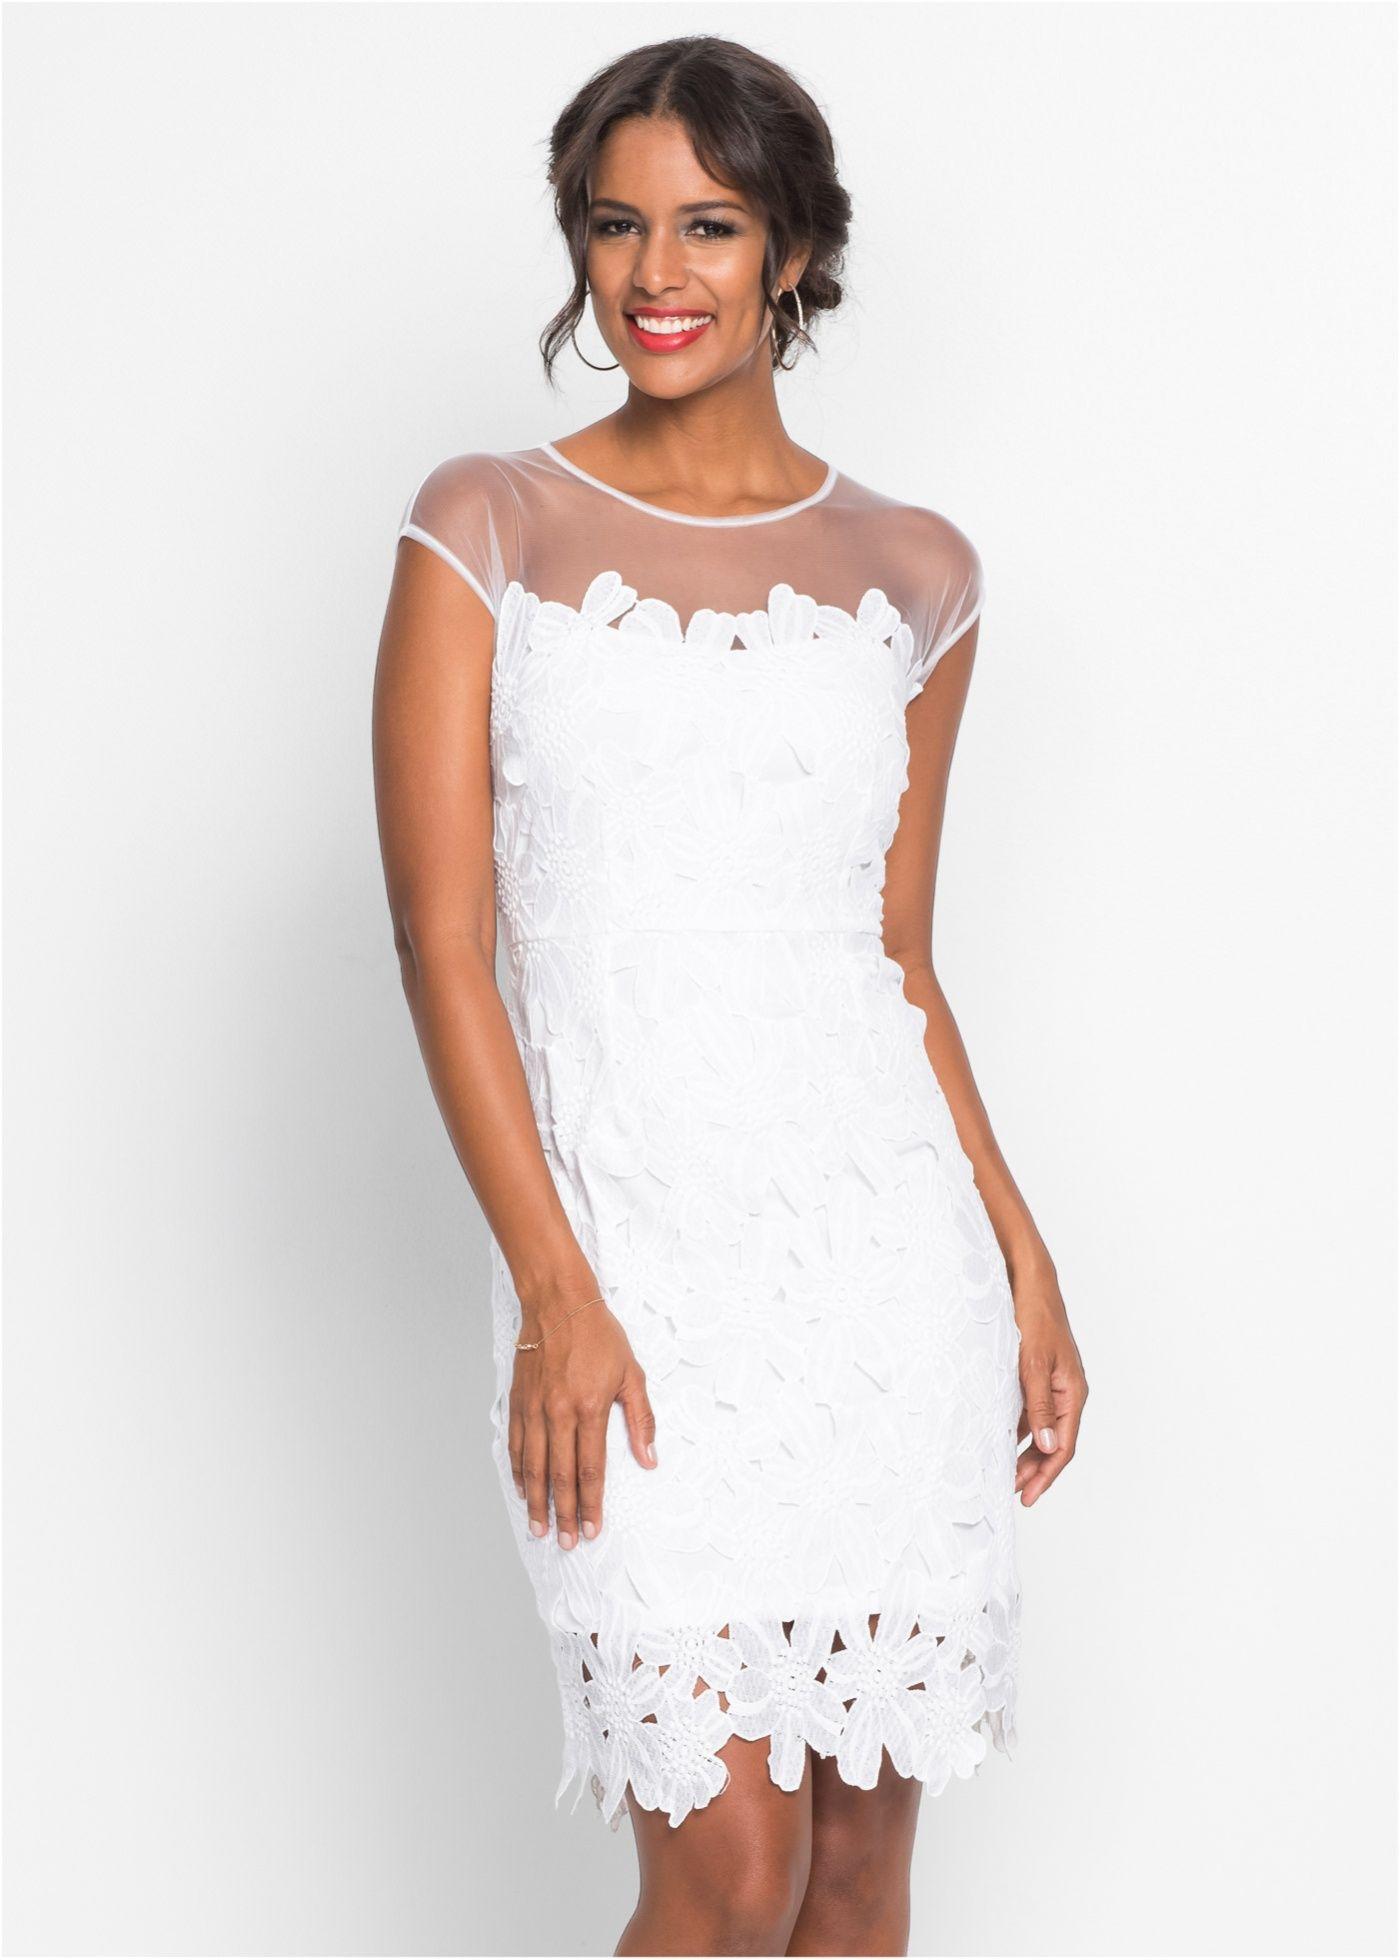 Kleid mit Blumenspitze weiß - Damen - bonprix.de  Kleider, Kurze